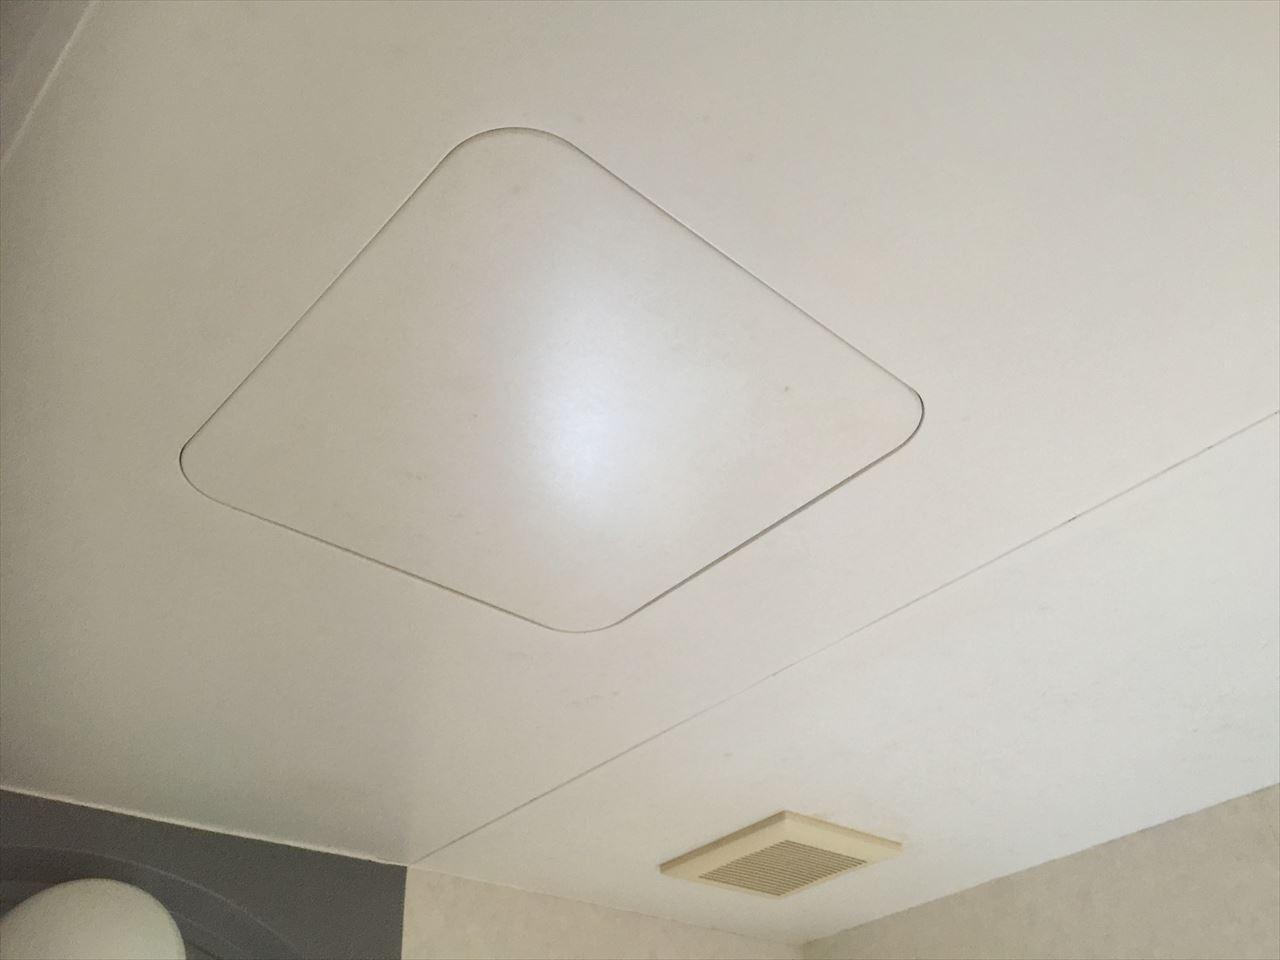 南区T邸お風呂場天井汚れ落としの施工後写真その1